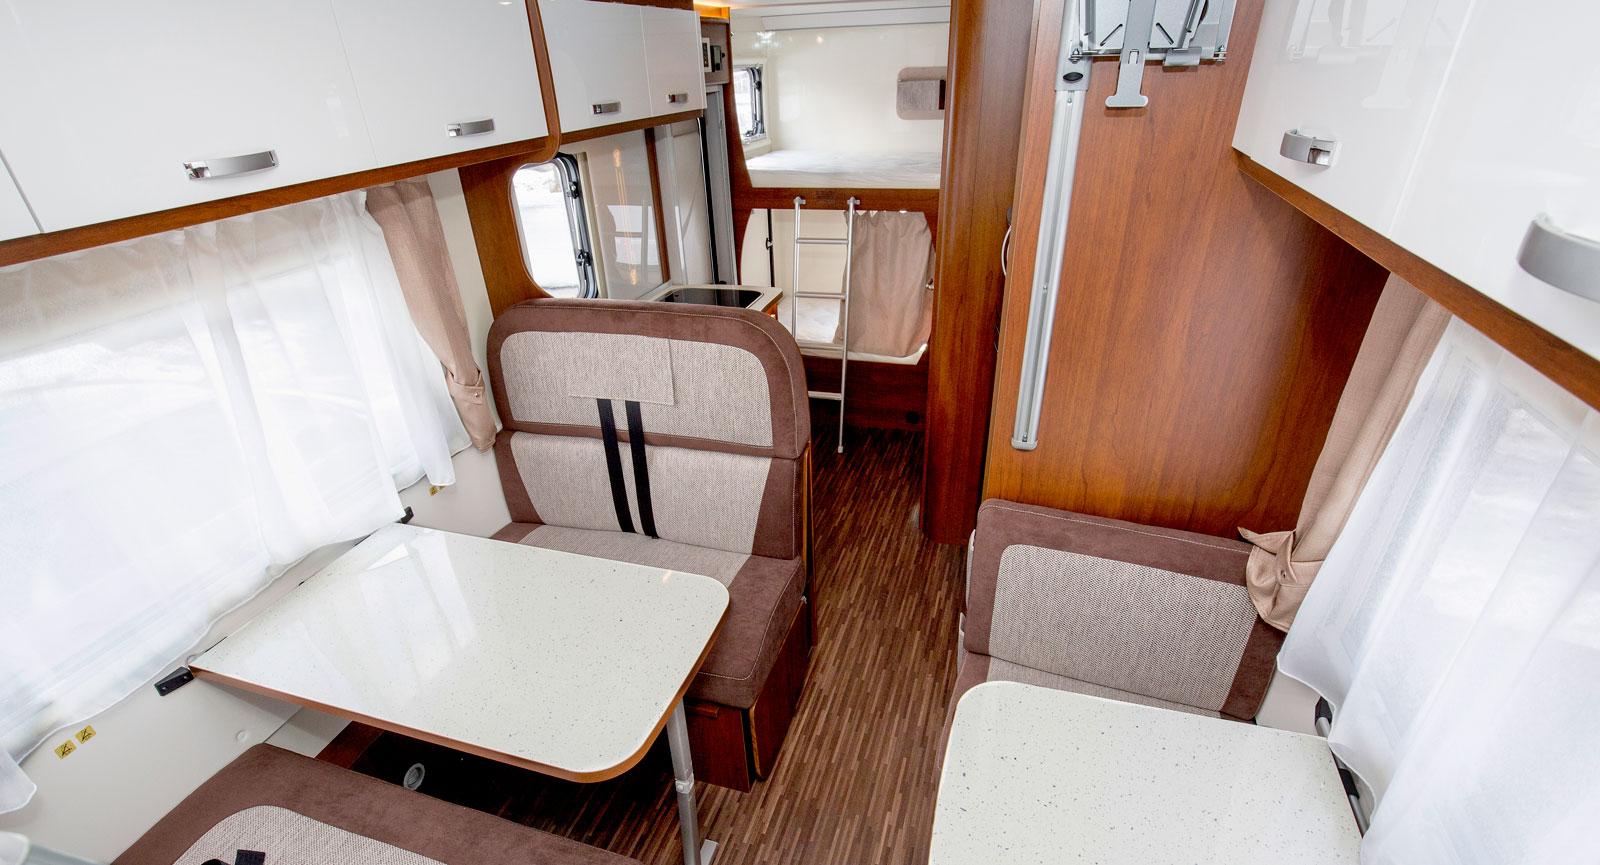 Mittskeppet på husbilen tas till stora delar upp av sittplatser medan köket är inrymt längre bak.